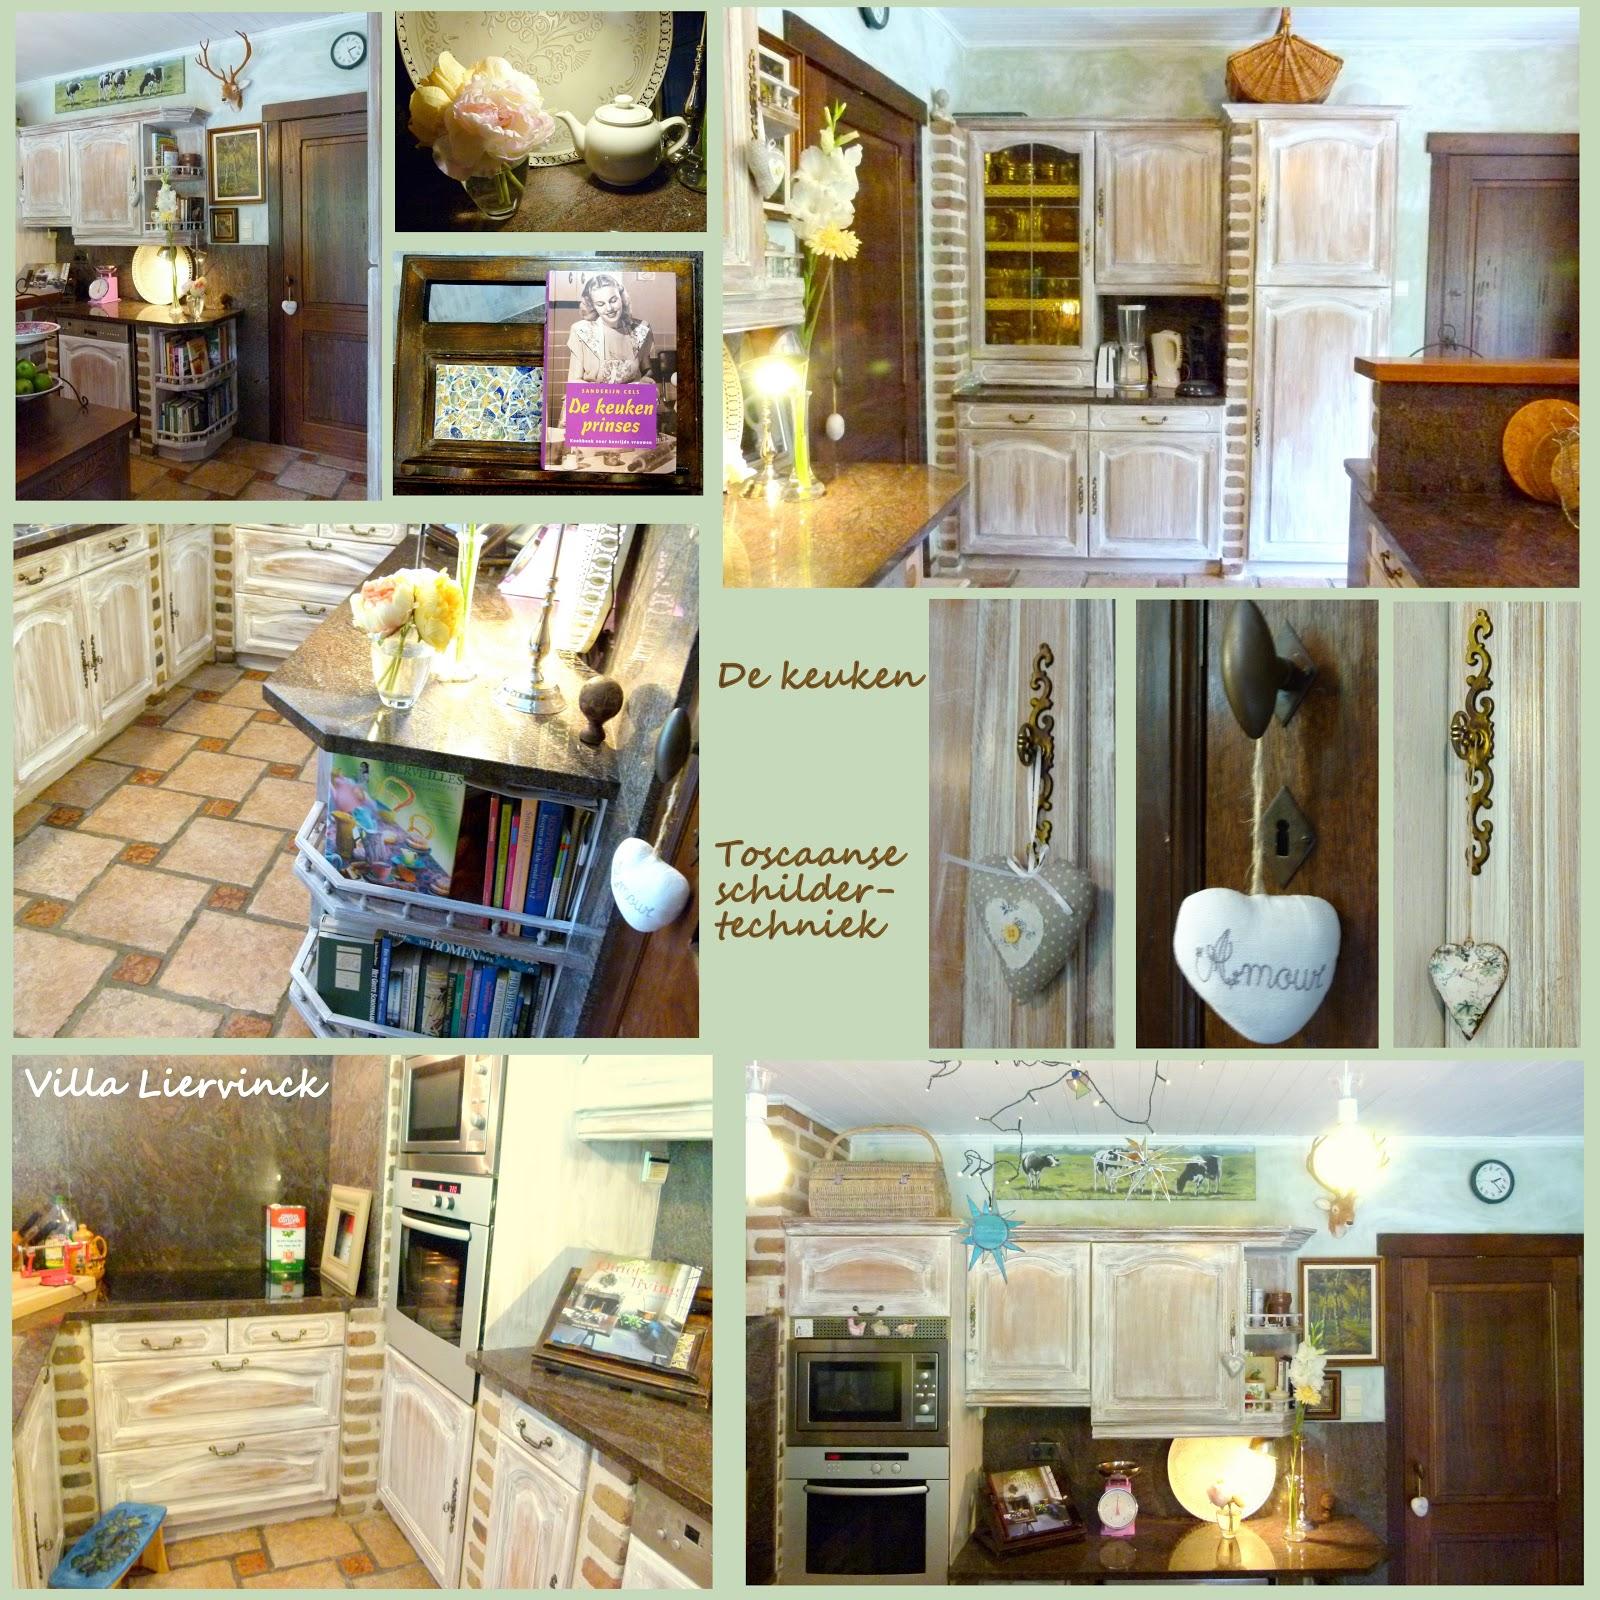 Villa liervinck: de keuken of toscaans schilderen